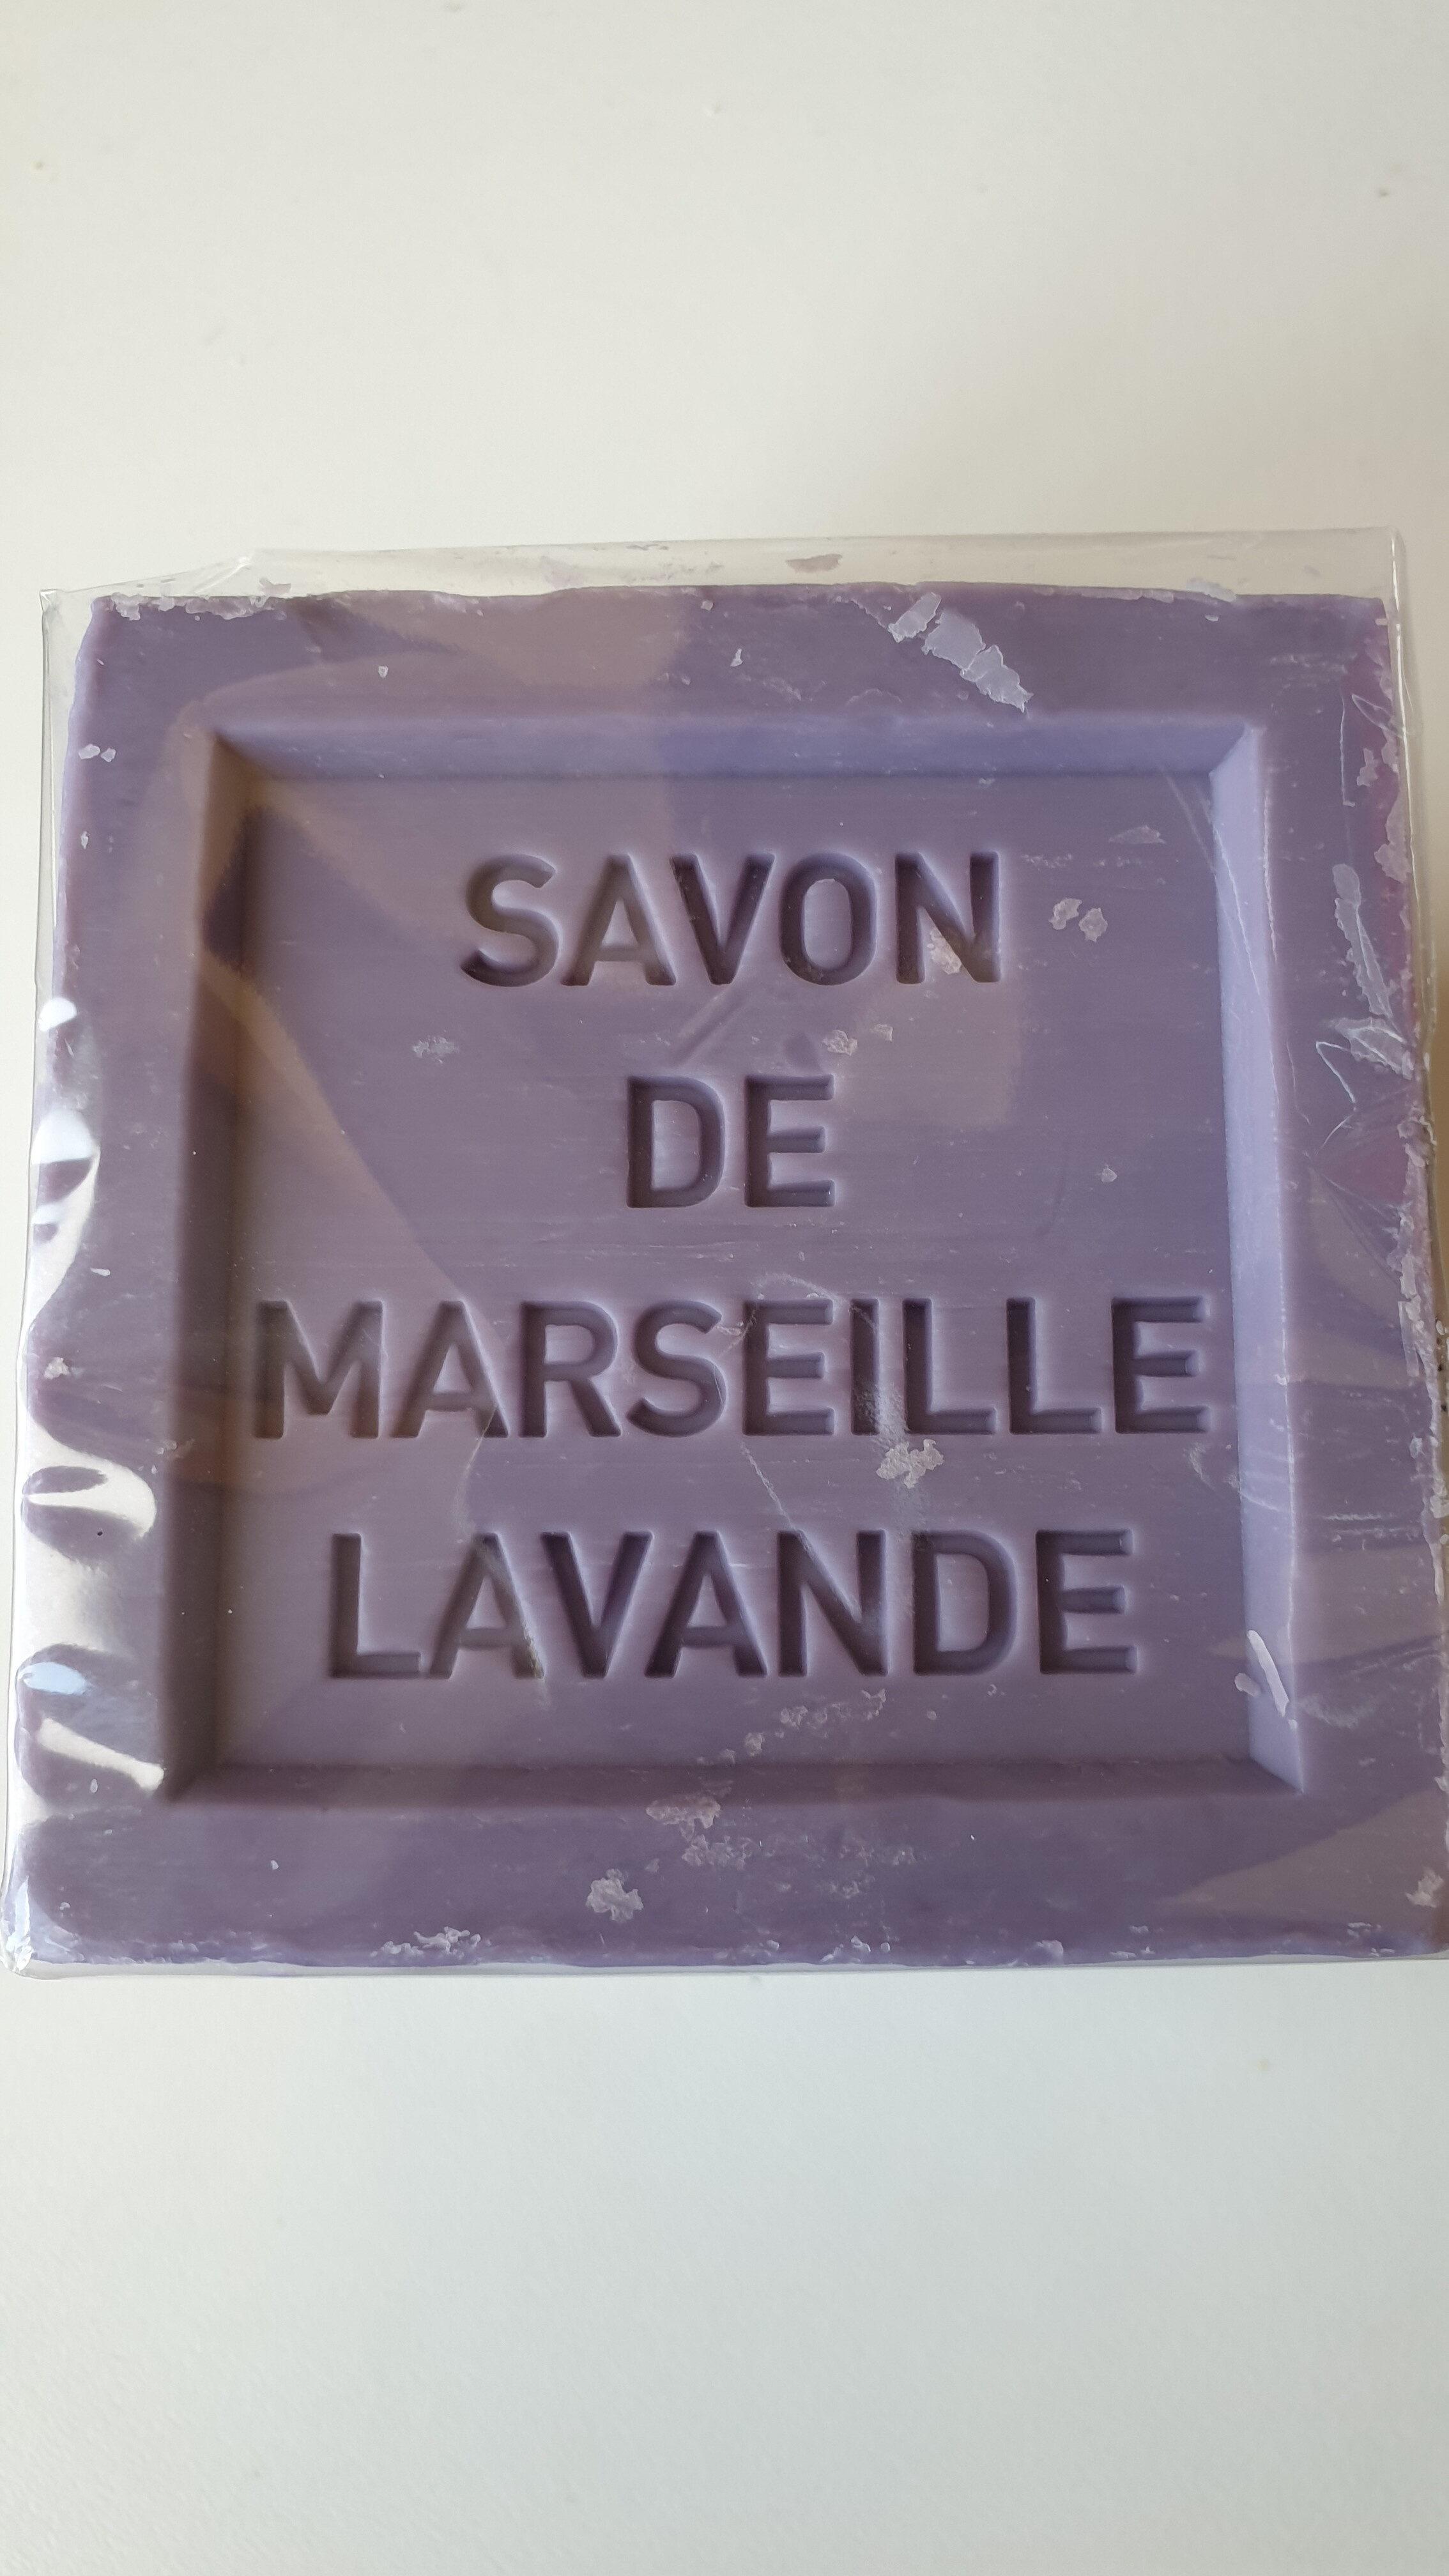 Savon cube lavande 300g - Produit - fr